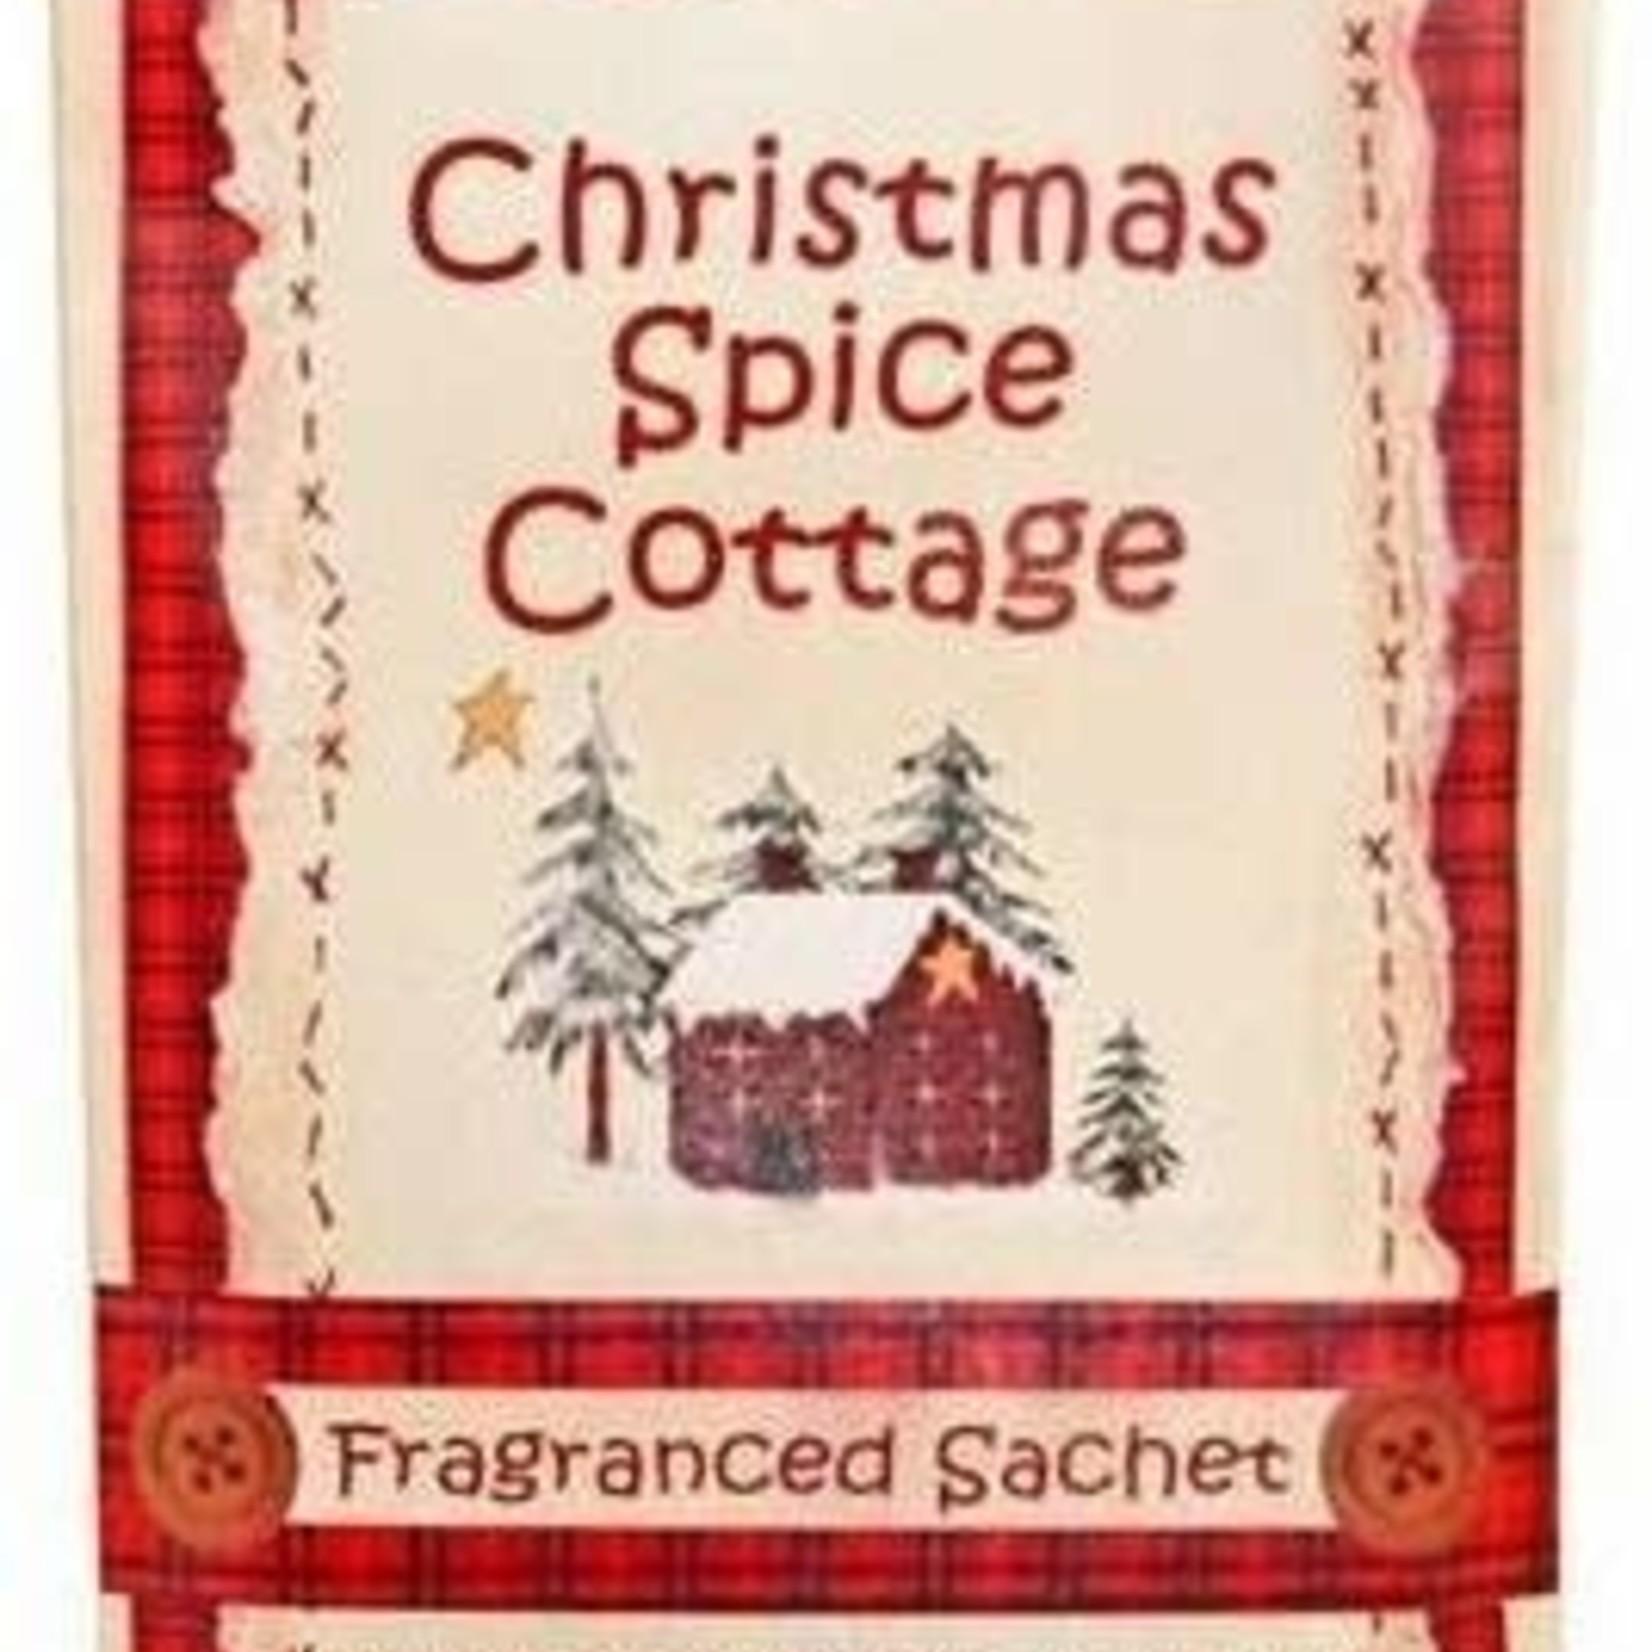 CHRISTMAS SPICE FRAGRANCED SACHET